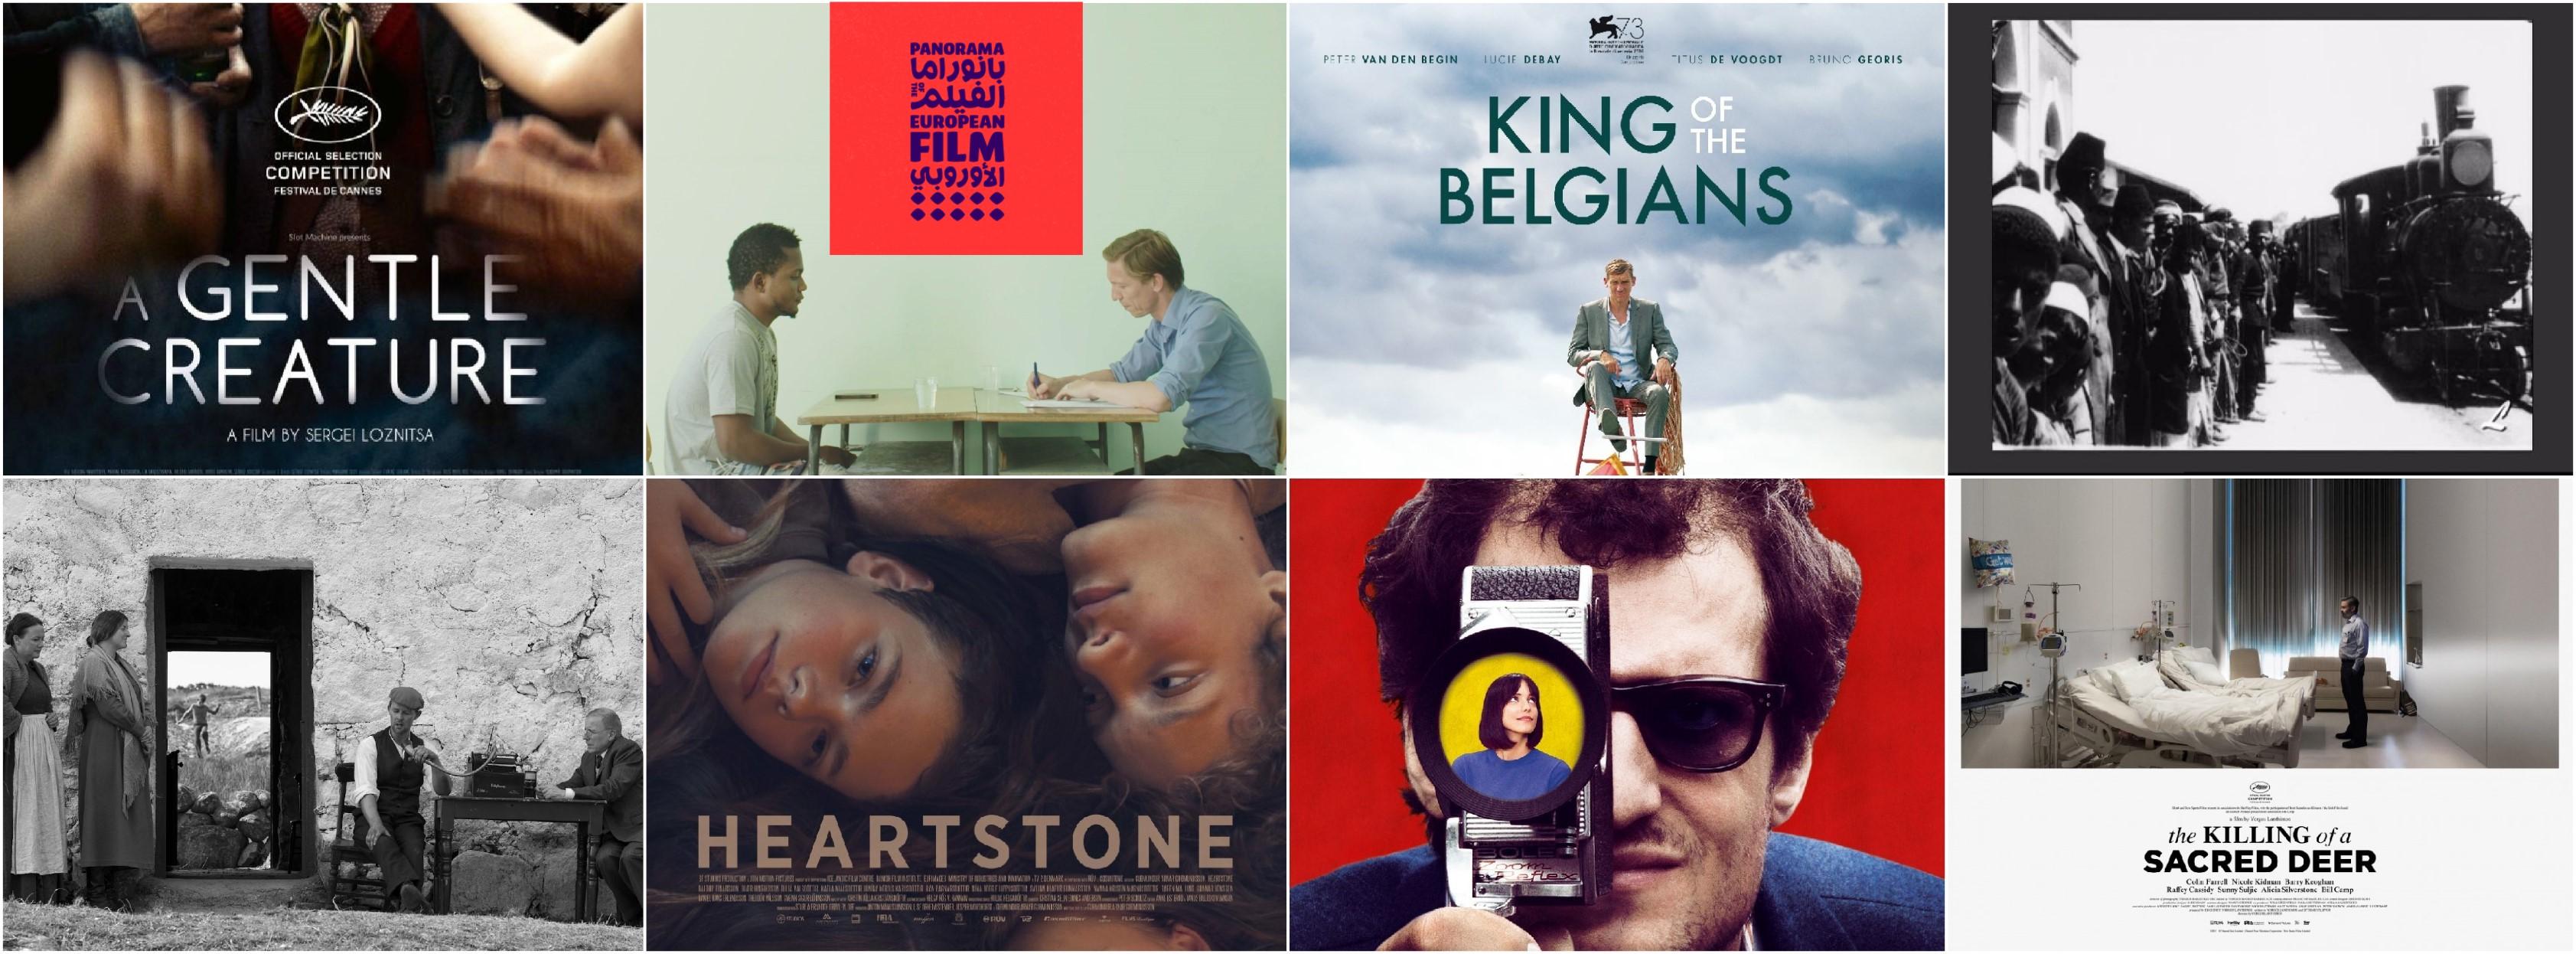 بعض أفلام اليوم الثاني من بانوراما الفيلم الأوروبي العاشرة